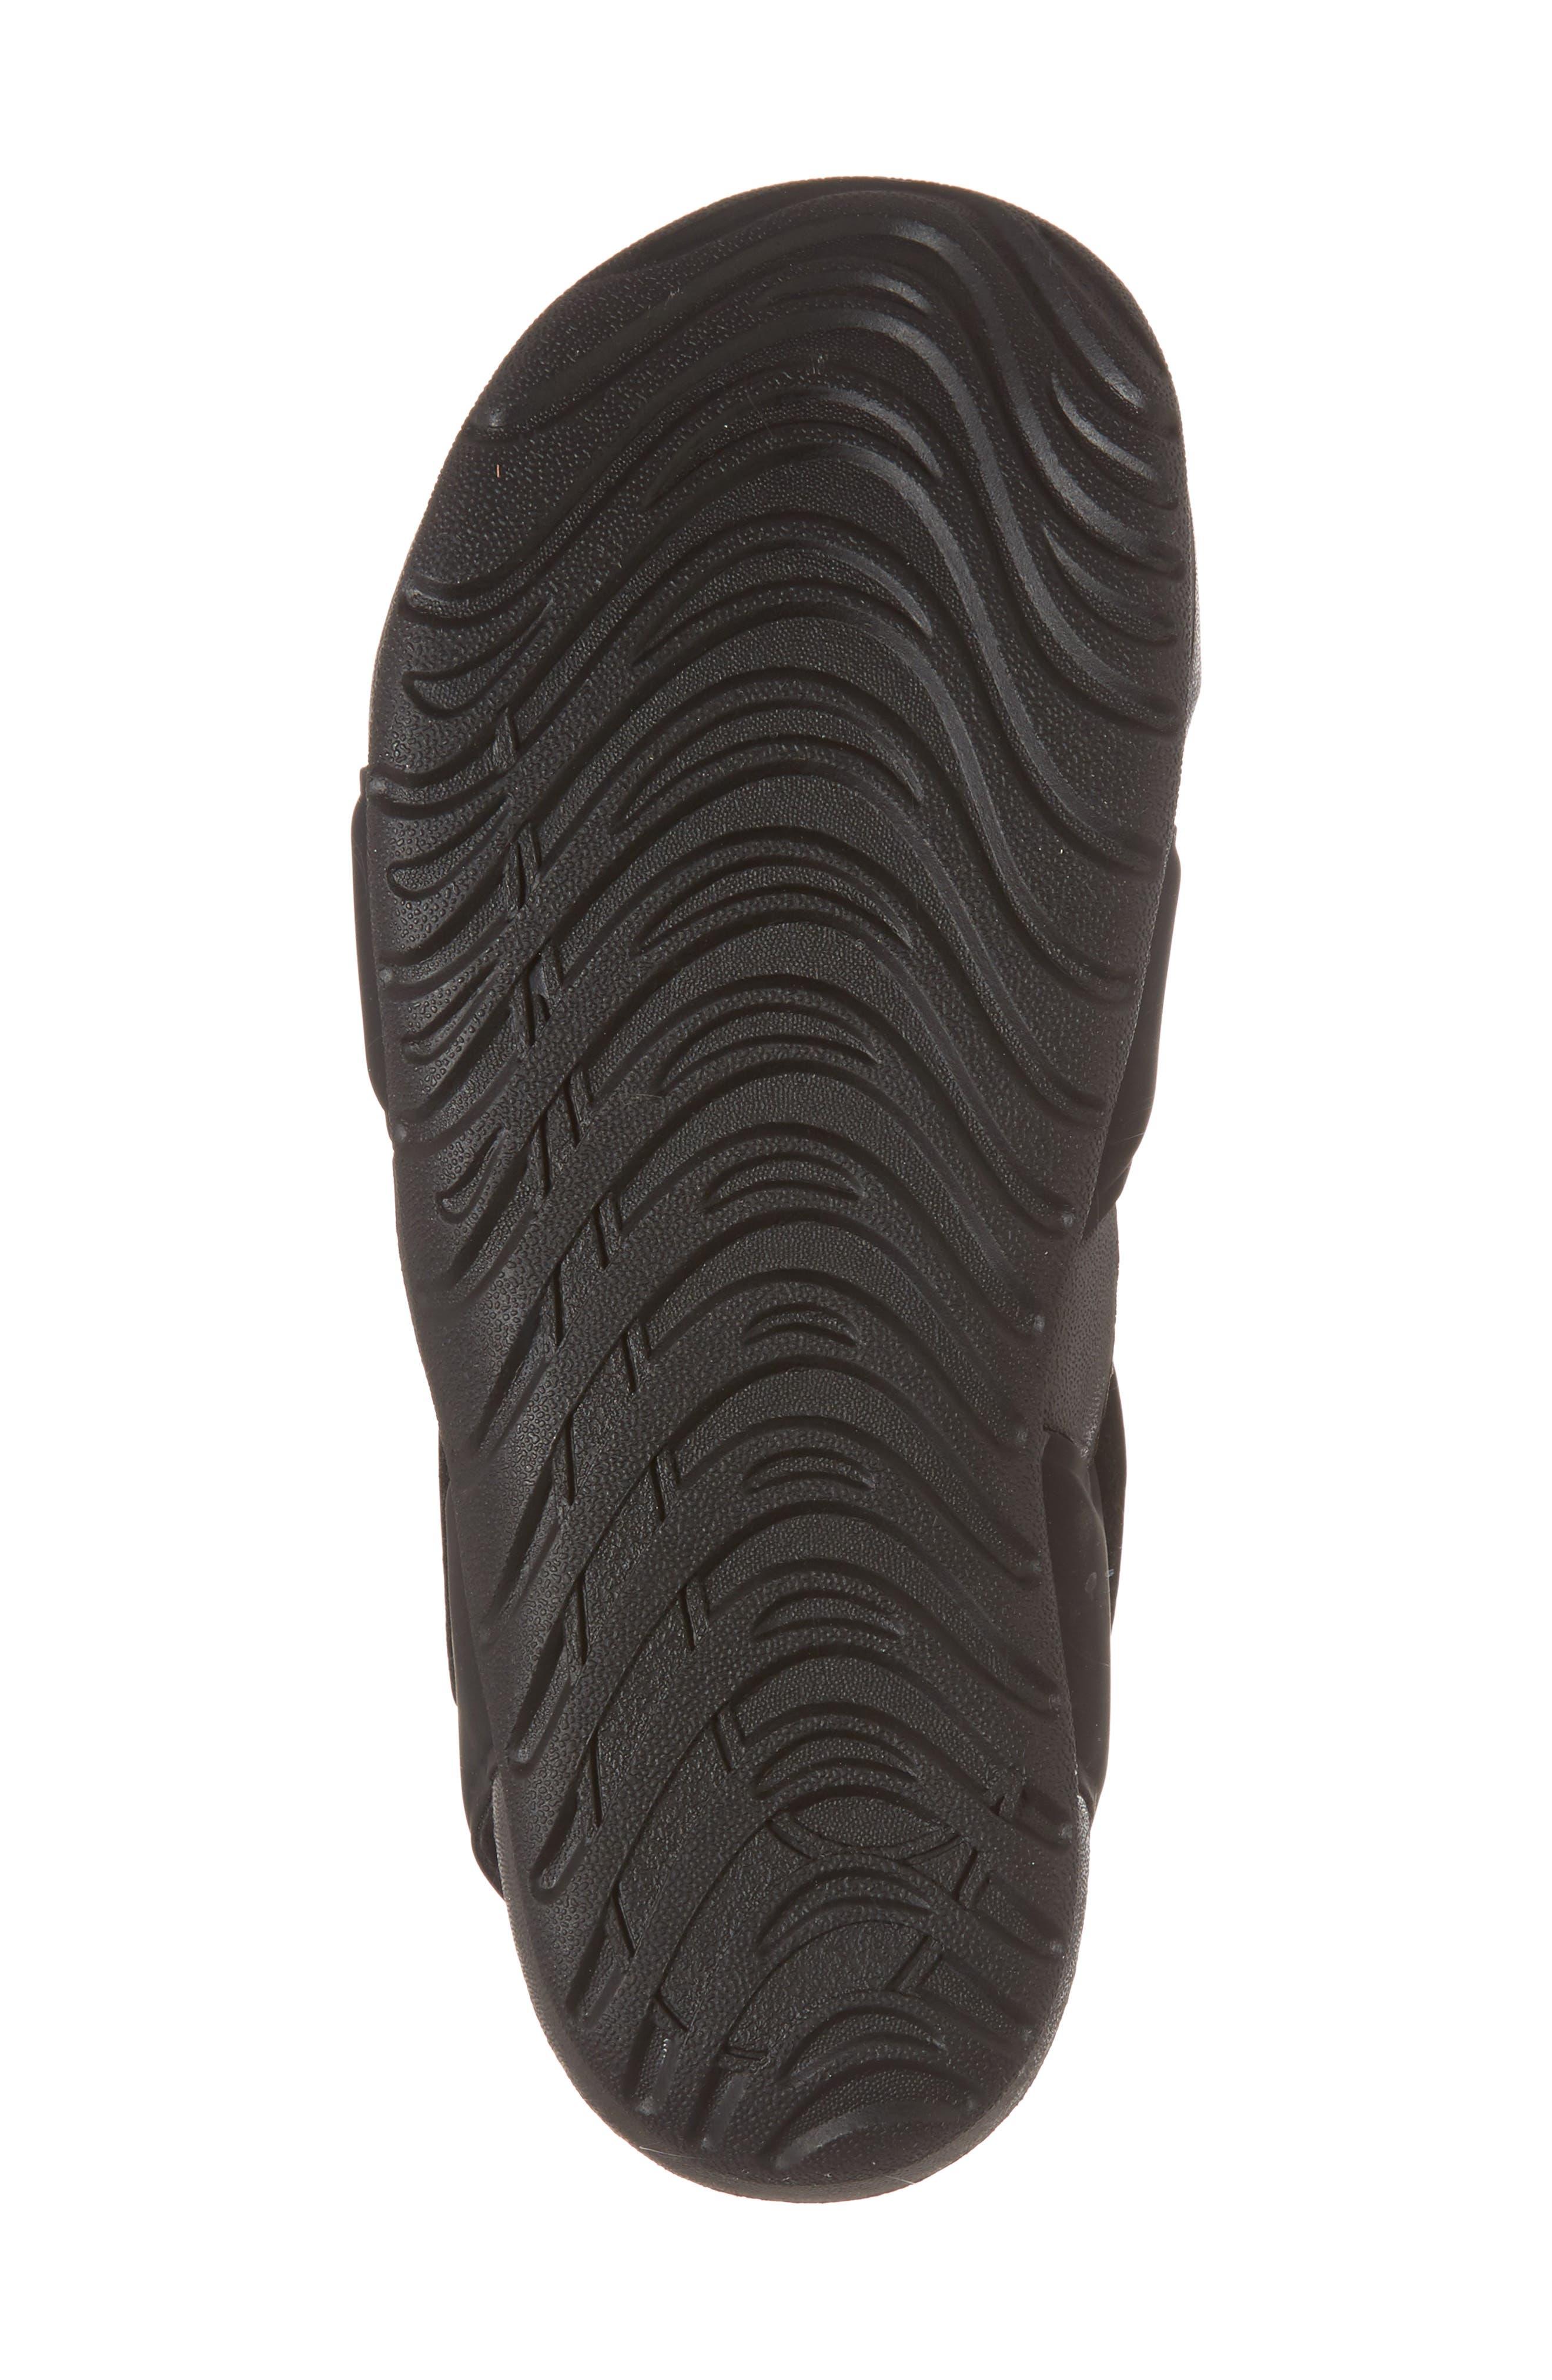 NIKE, Sunray Protect 2 Sandal, Alternate thumbnail 6, color, BLACK/ WHITE